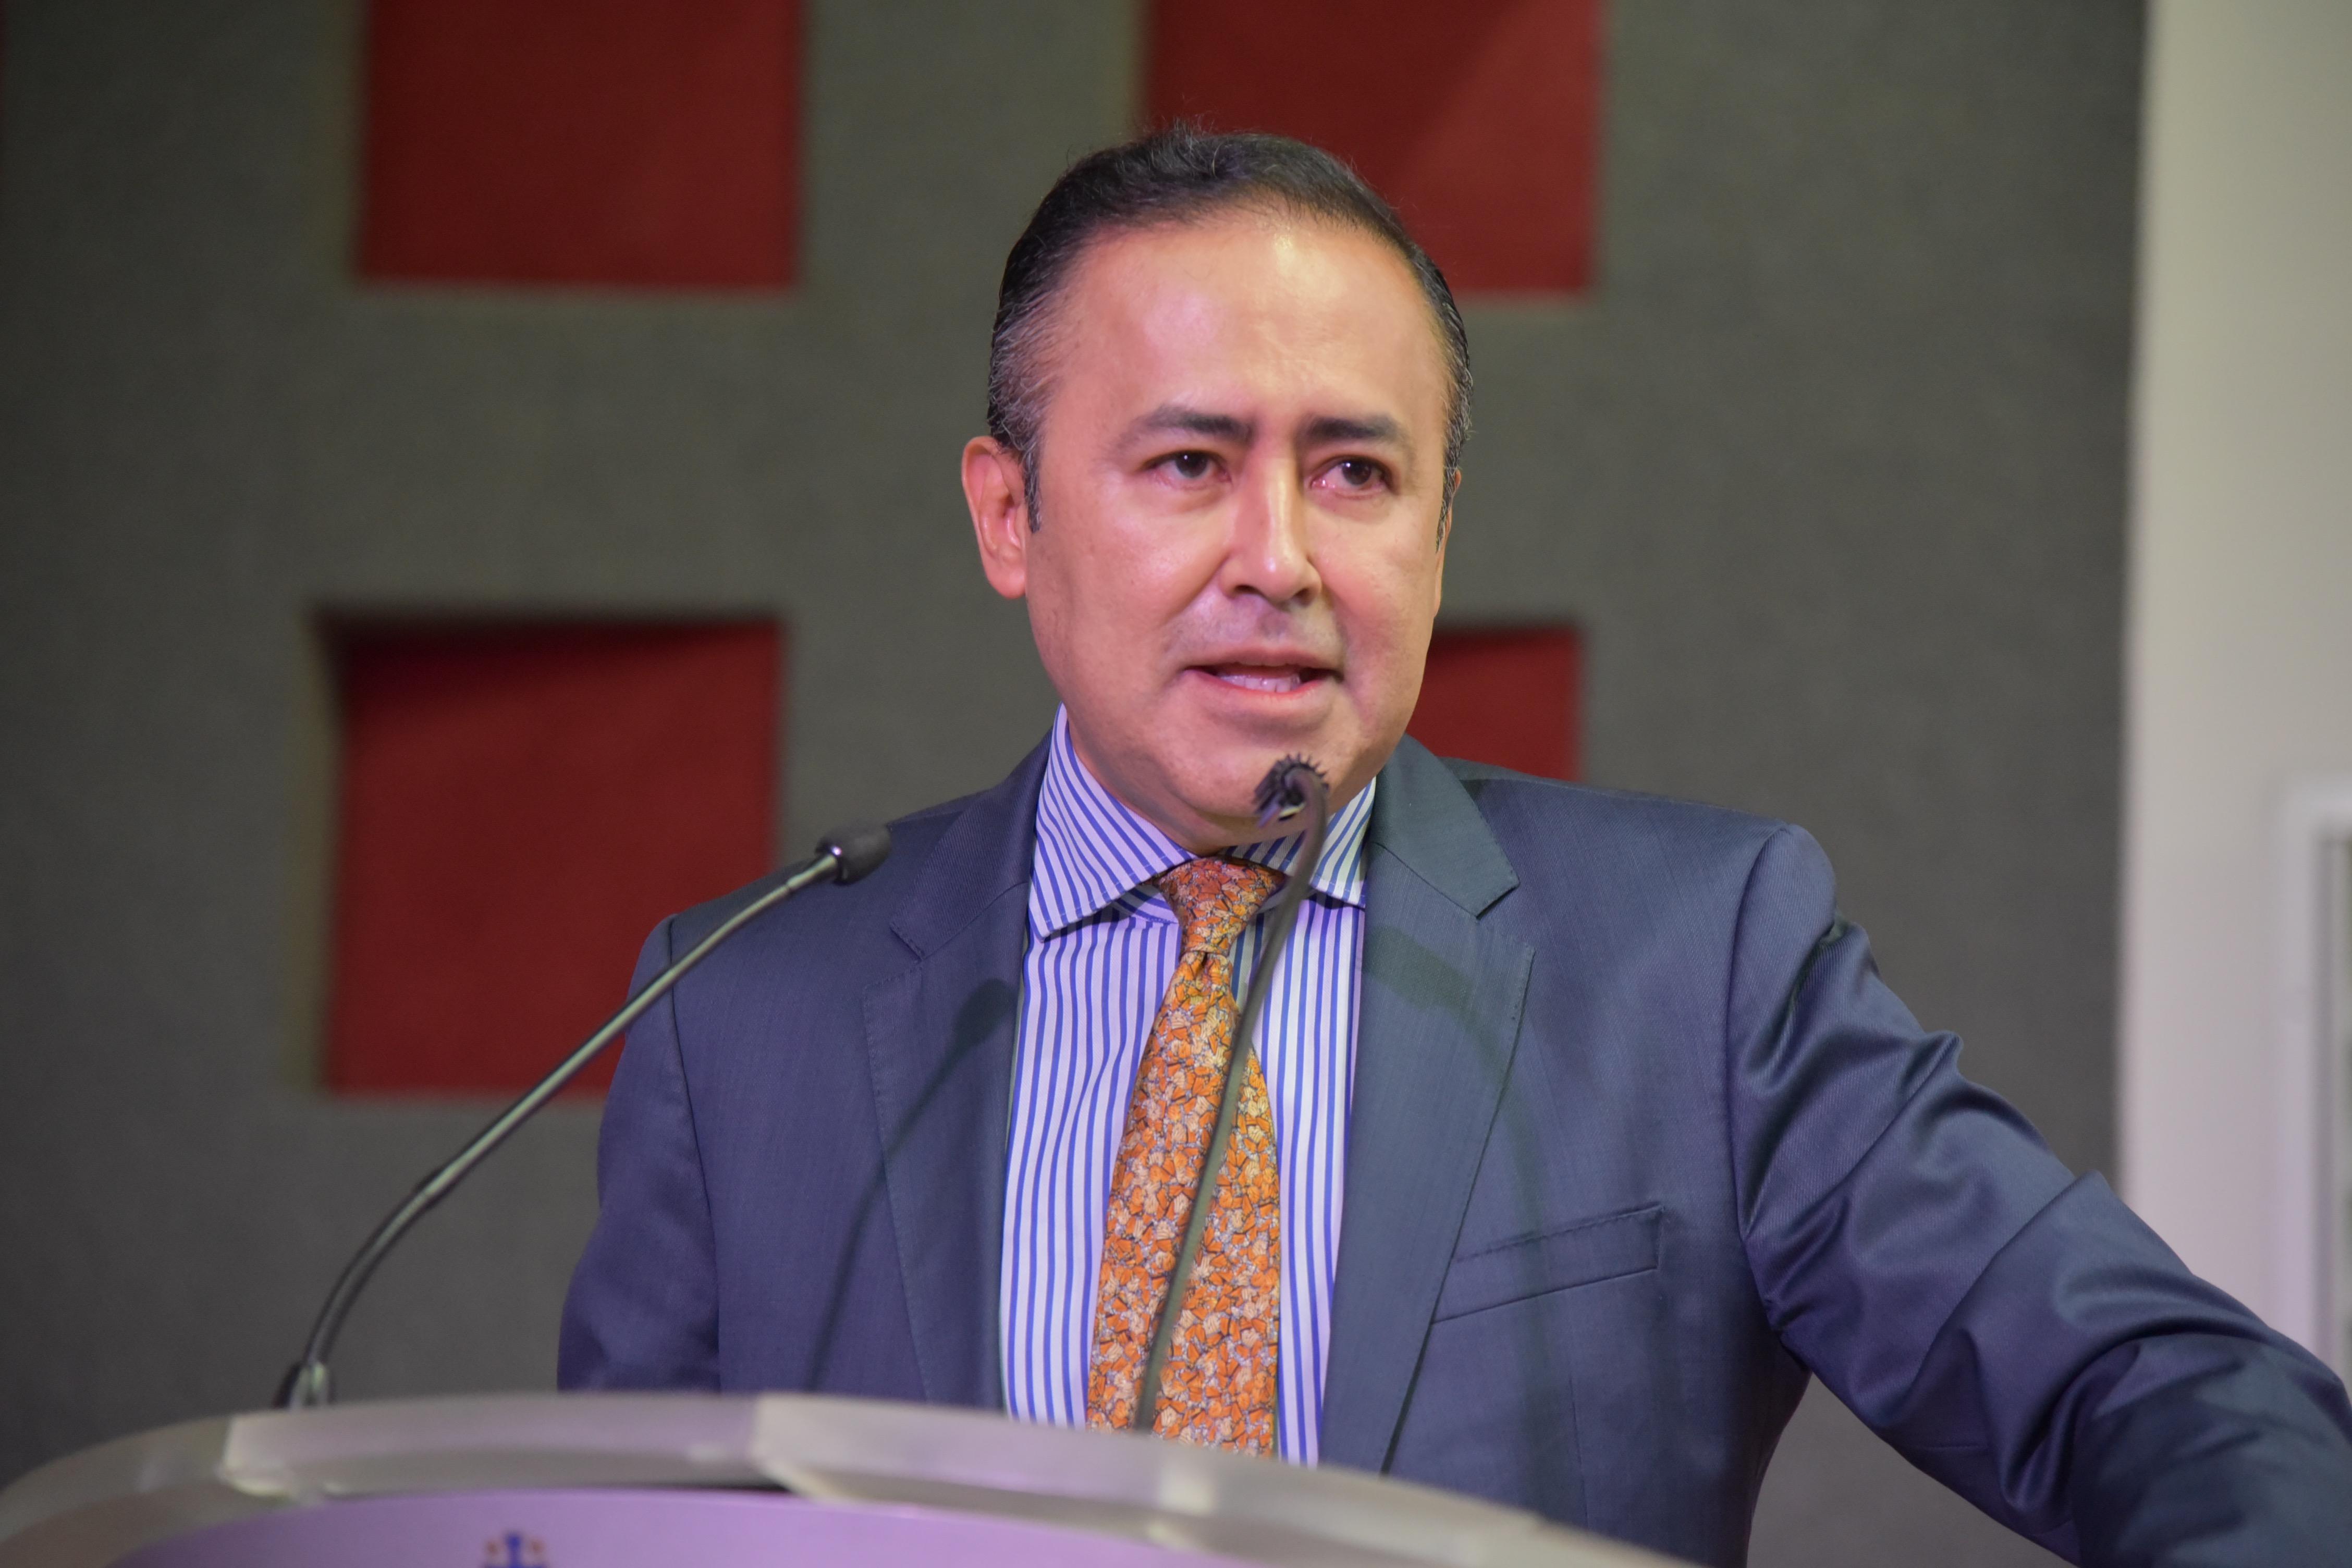 Dr. Jaime Andrade Villanueva ofreciendo discurso inaugural en podio